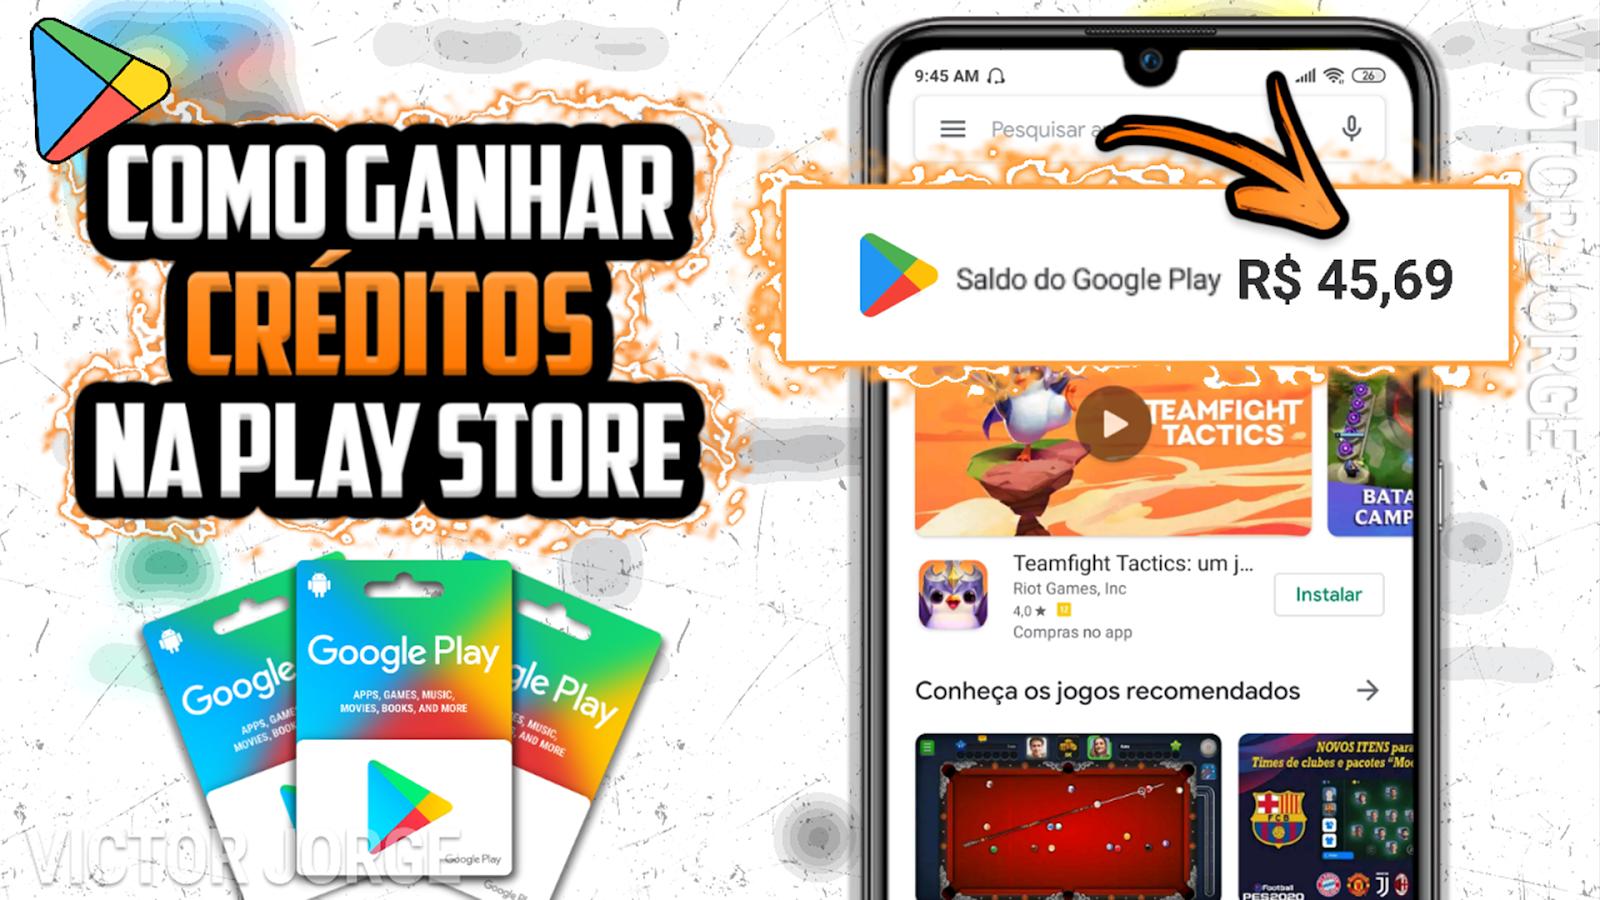 MELHOR APP para GANHAR SALDO [CRÉDITOS] na Google Play Store - 2020